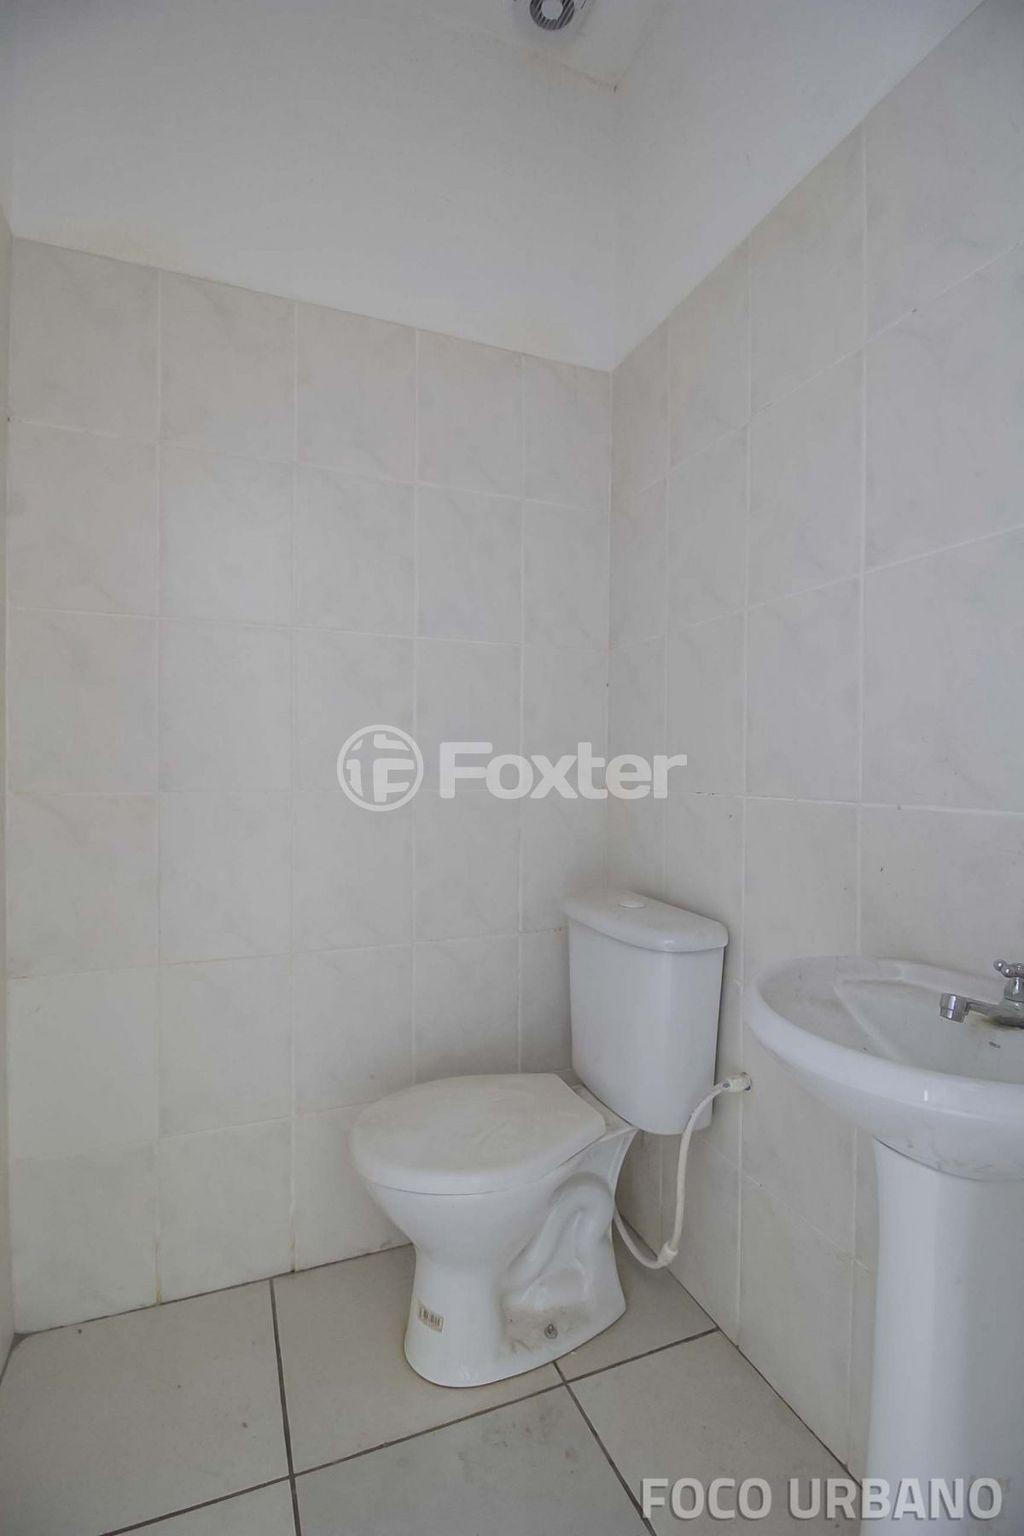 Foxter Imobiliária - Loja, São Sebastião (140204) - Foto 7